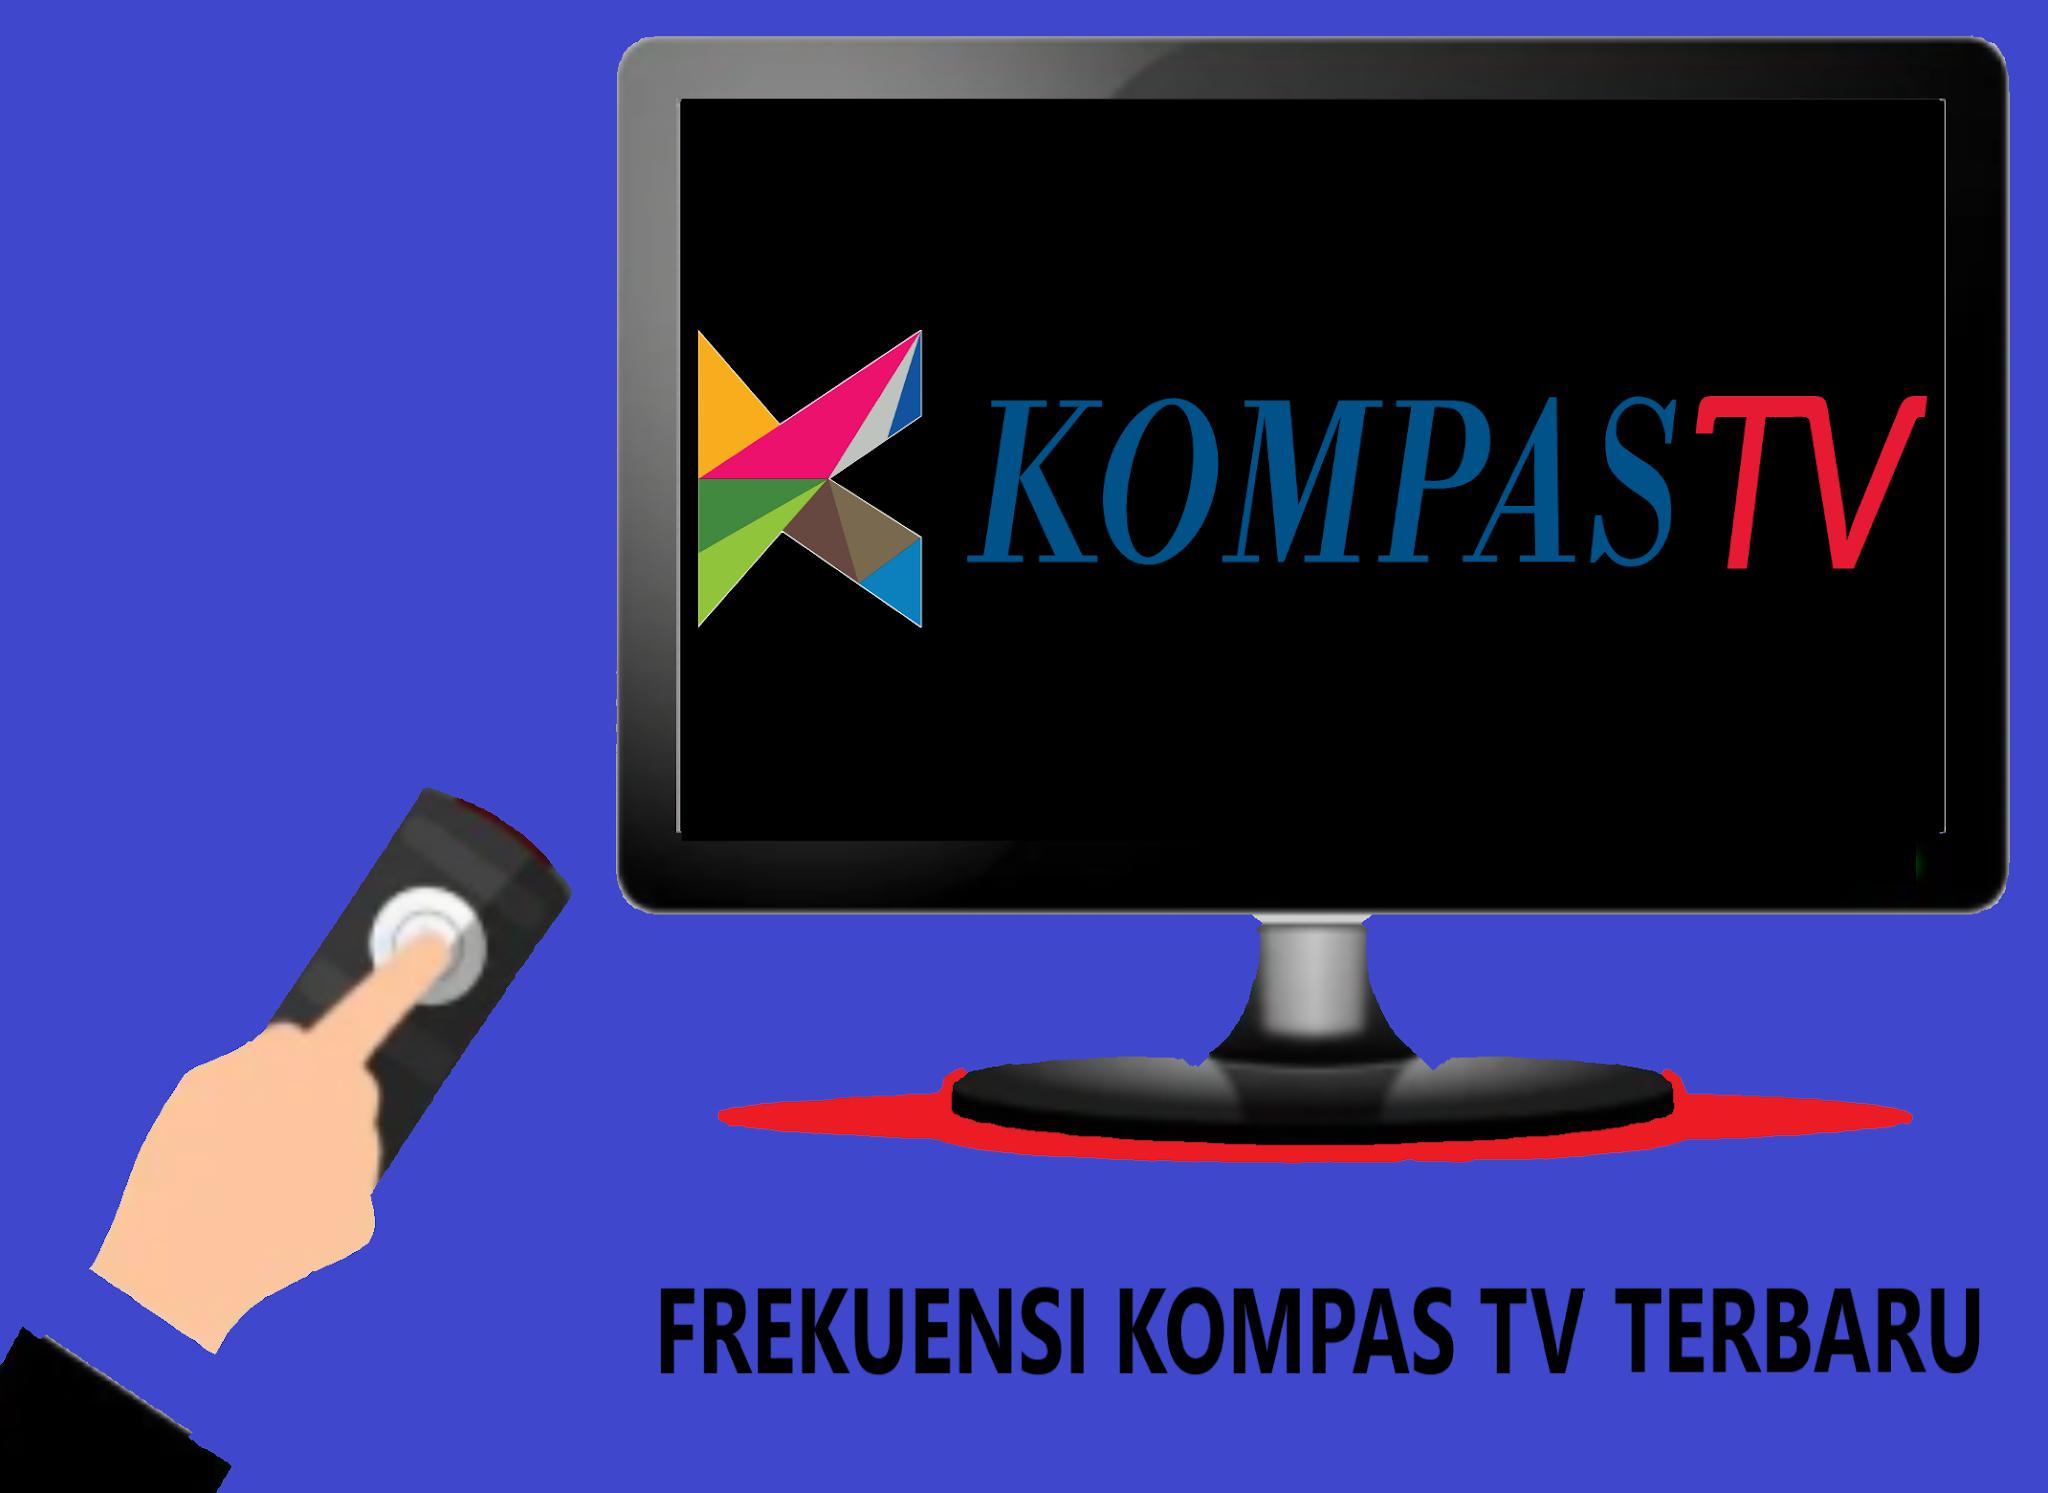 Frekuensi Kompas TV Terbaru Di Telkom 4 Update 2020